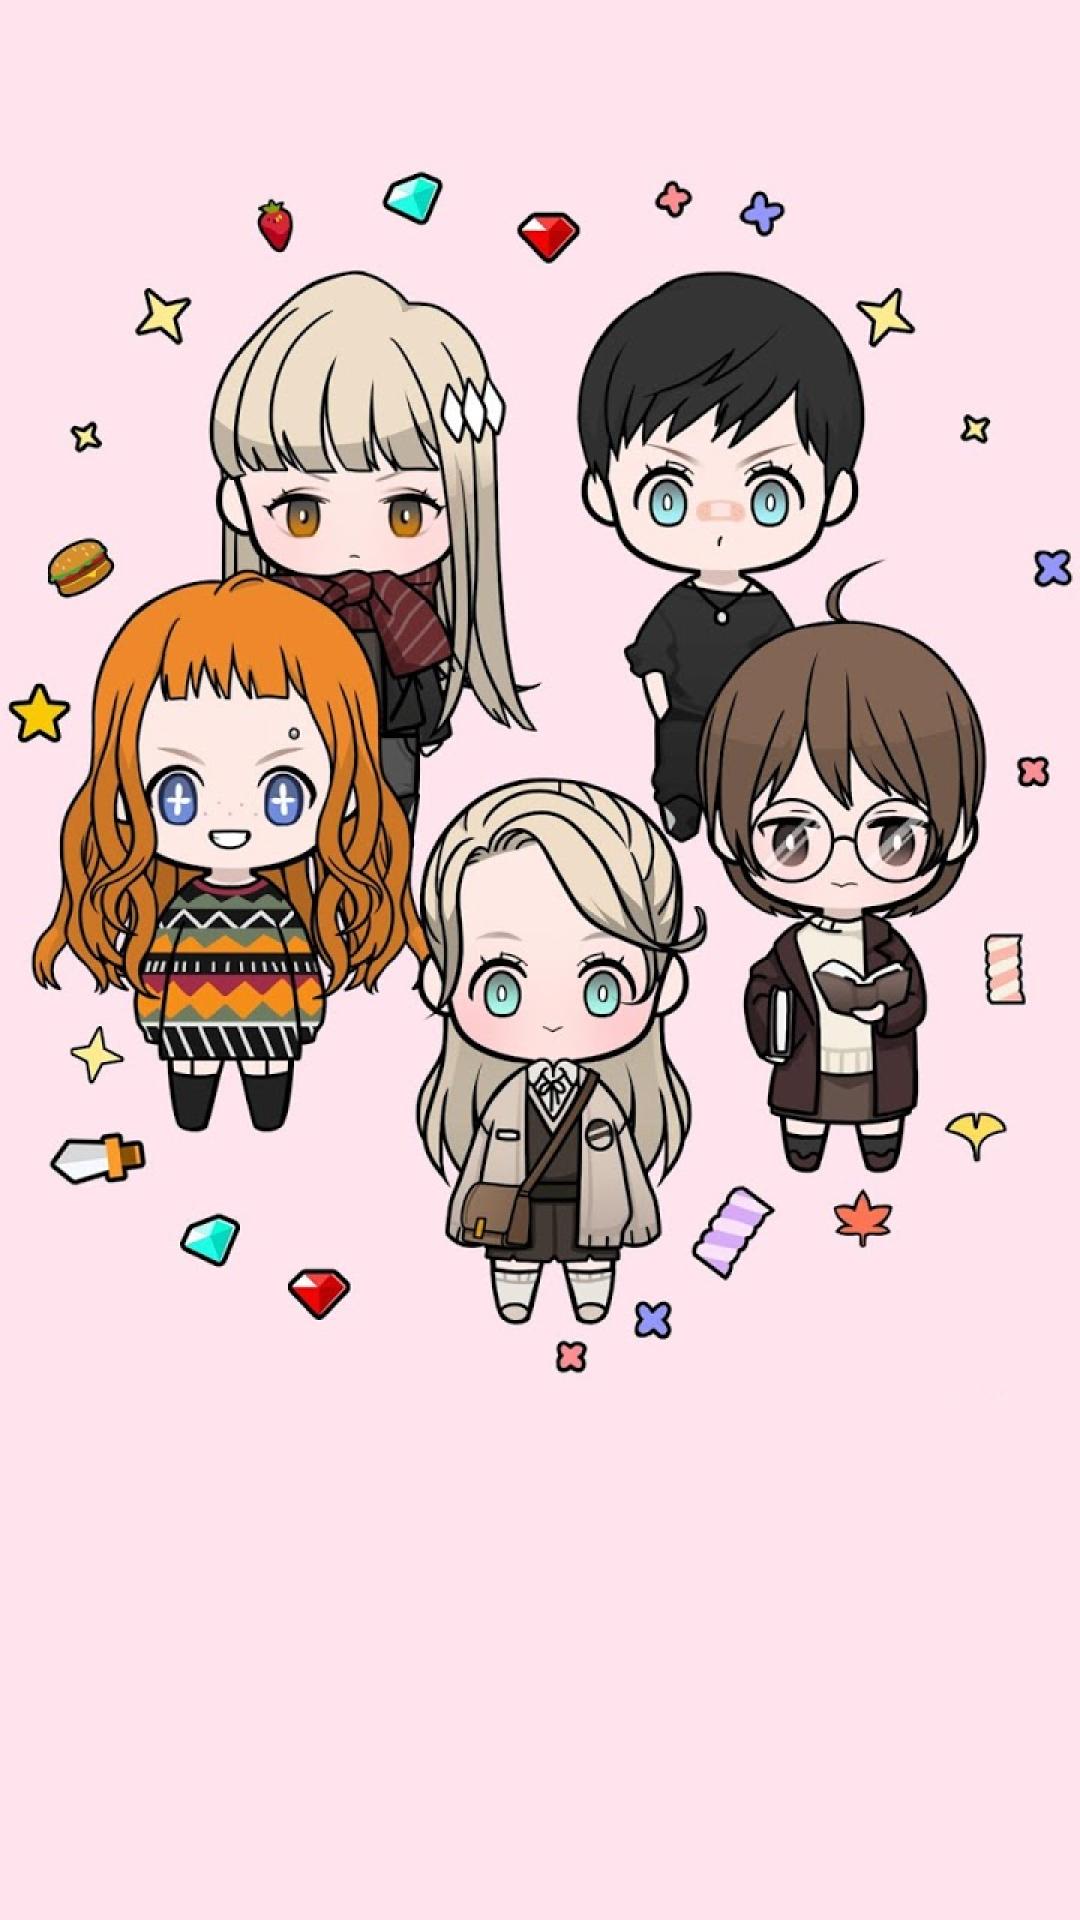 粉彩少女安卓免费版 粉彩少女4.5.3破解版下载